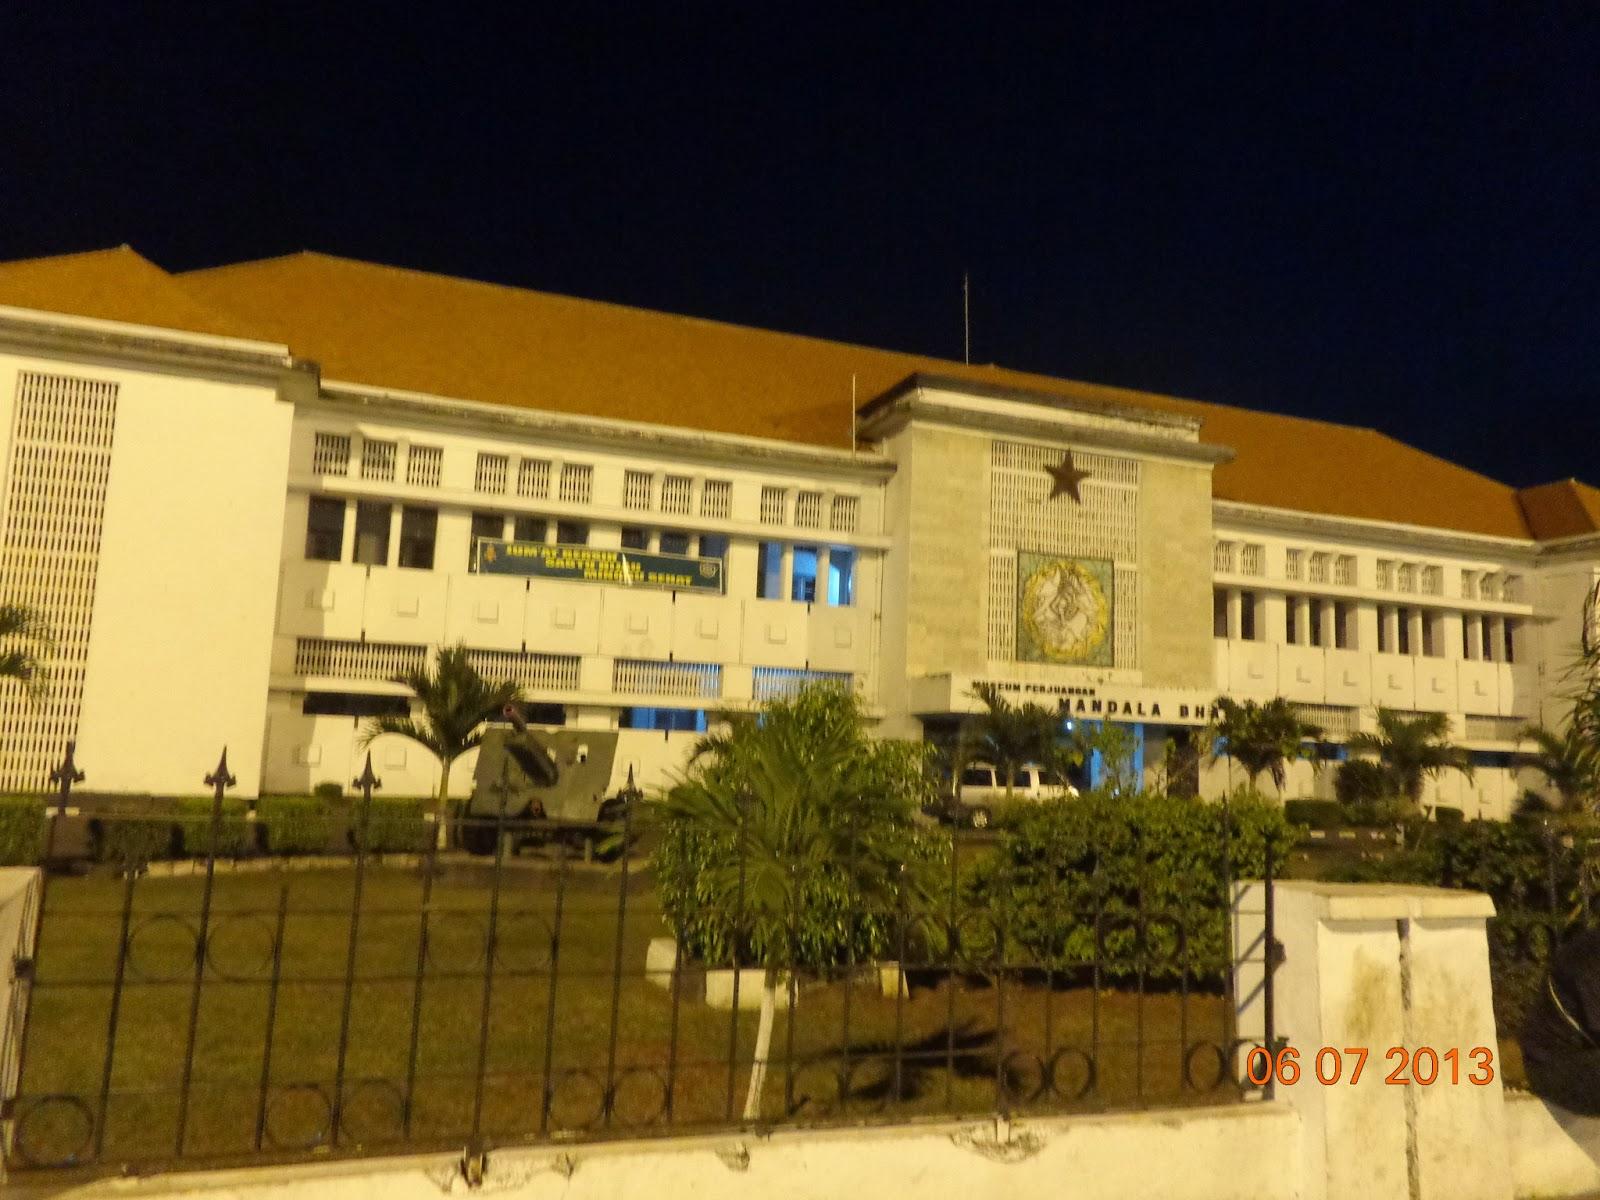 Torikul Khayat Juli 2013 Museum Mandala Bhakti Semarang Kab